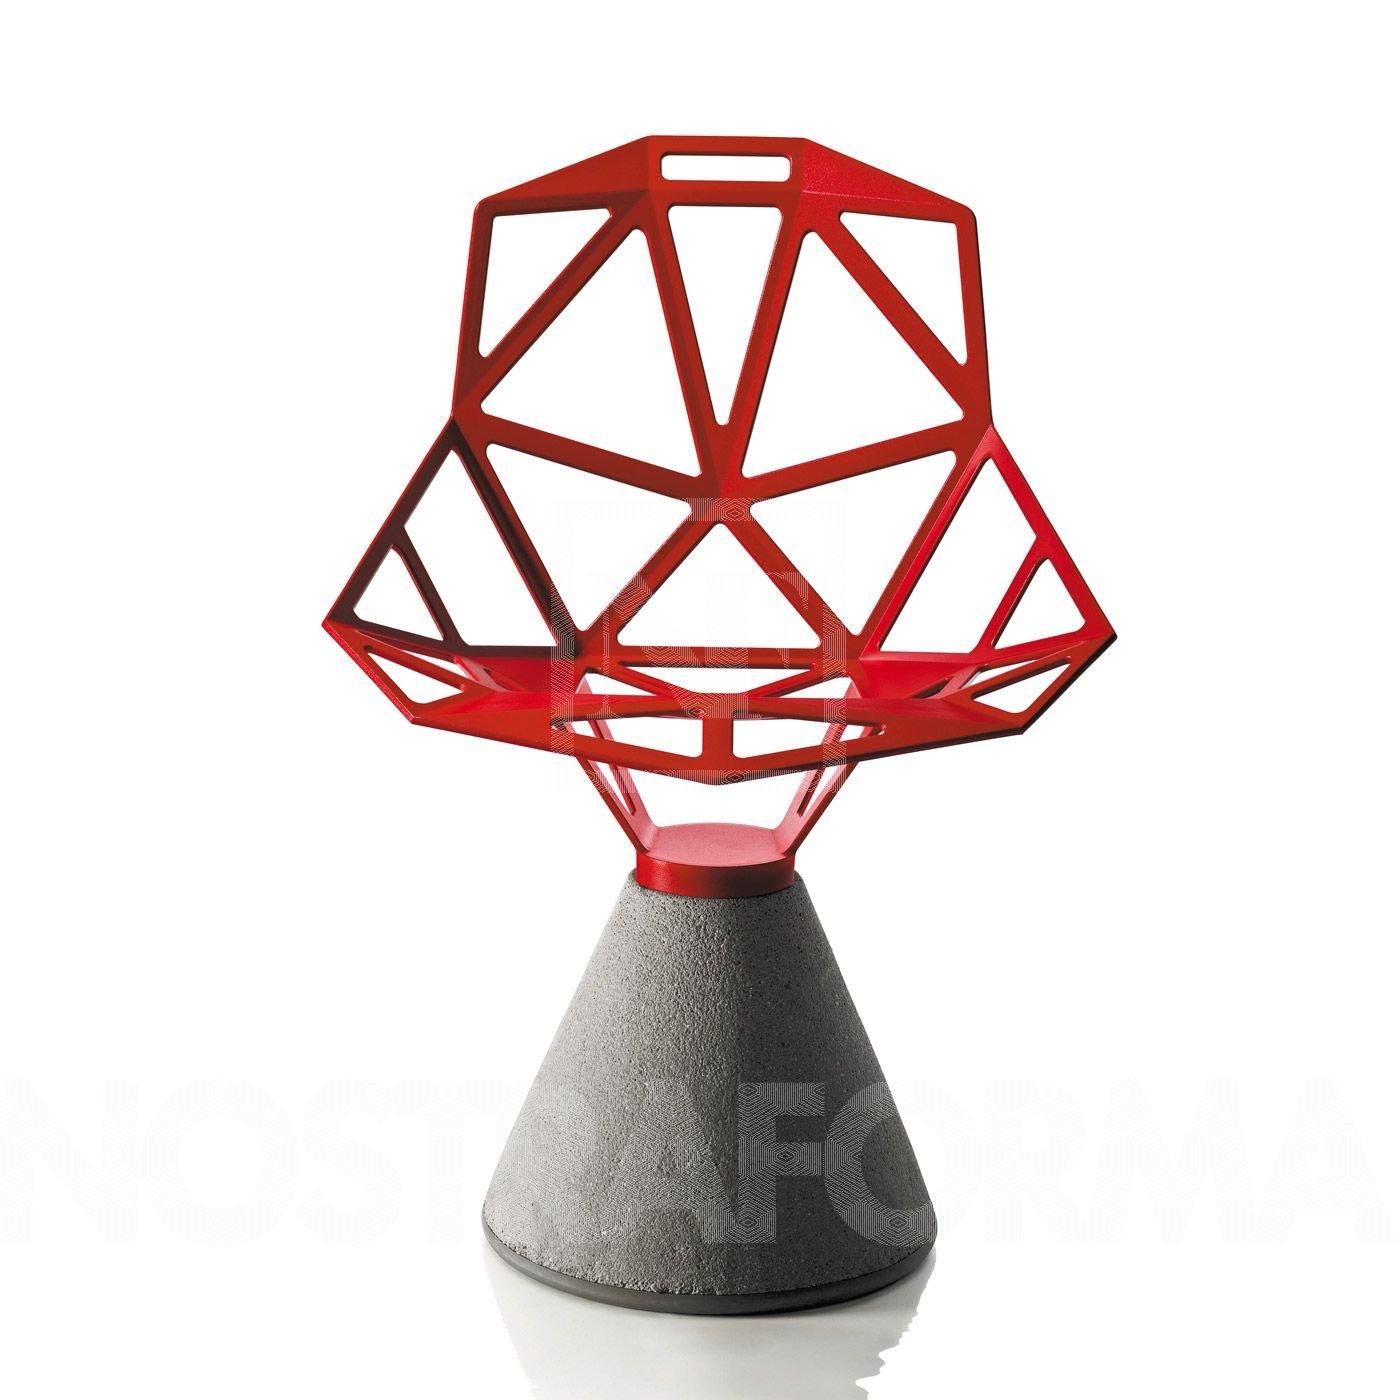 Magis Chair One Stuhl mit Zementfuß, aluminium poliert Sitz: 5,2kg Fuß: 33,5kg nur für den Innenbereich geeignet!